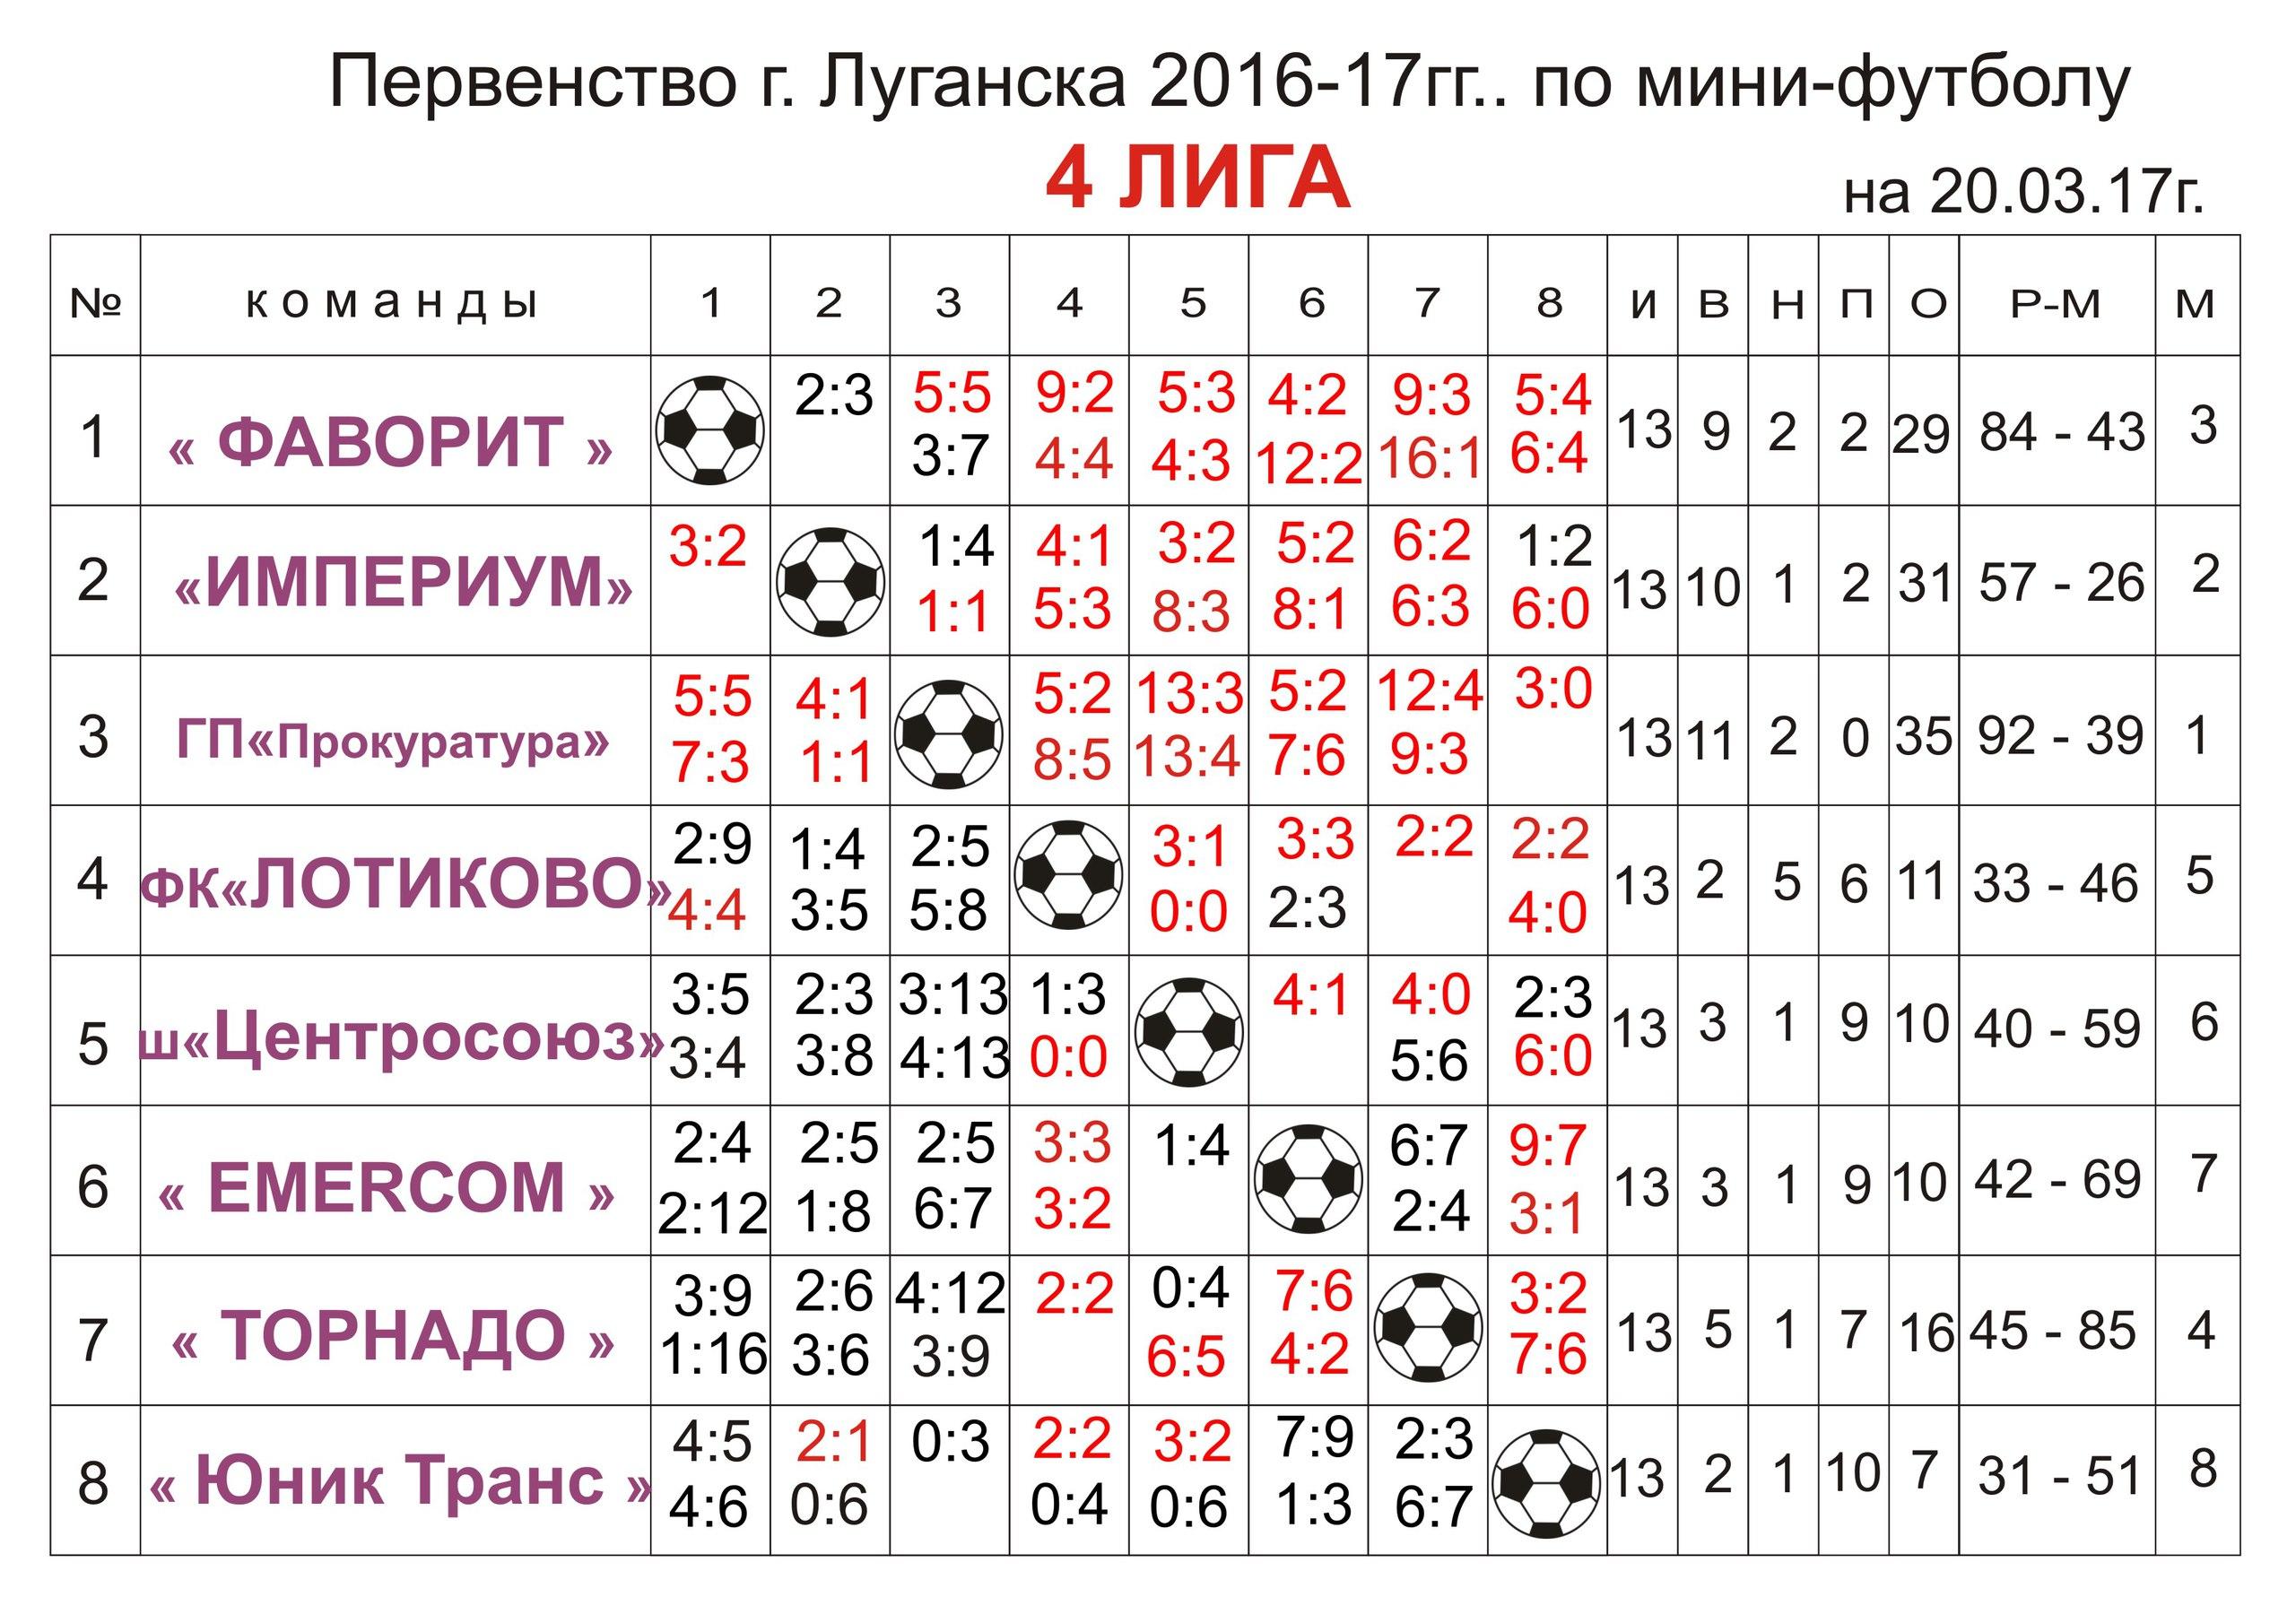 Первенство г.Луганска Четвертая лига